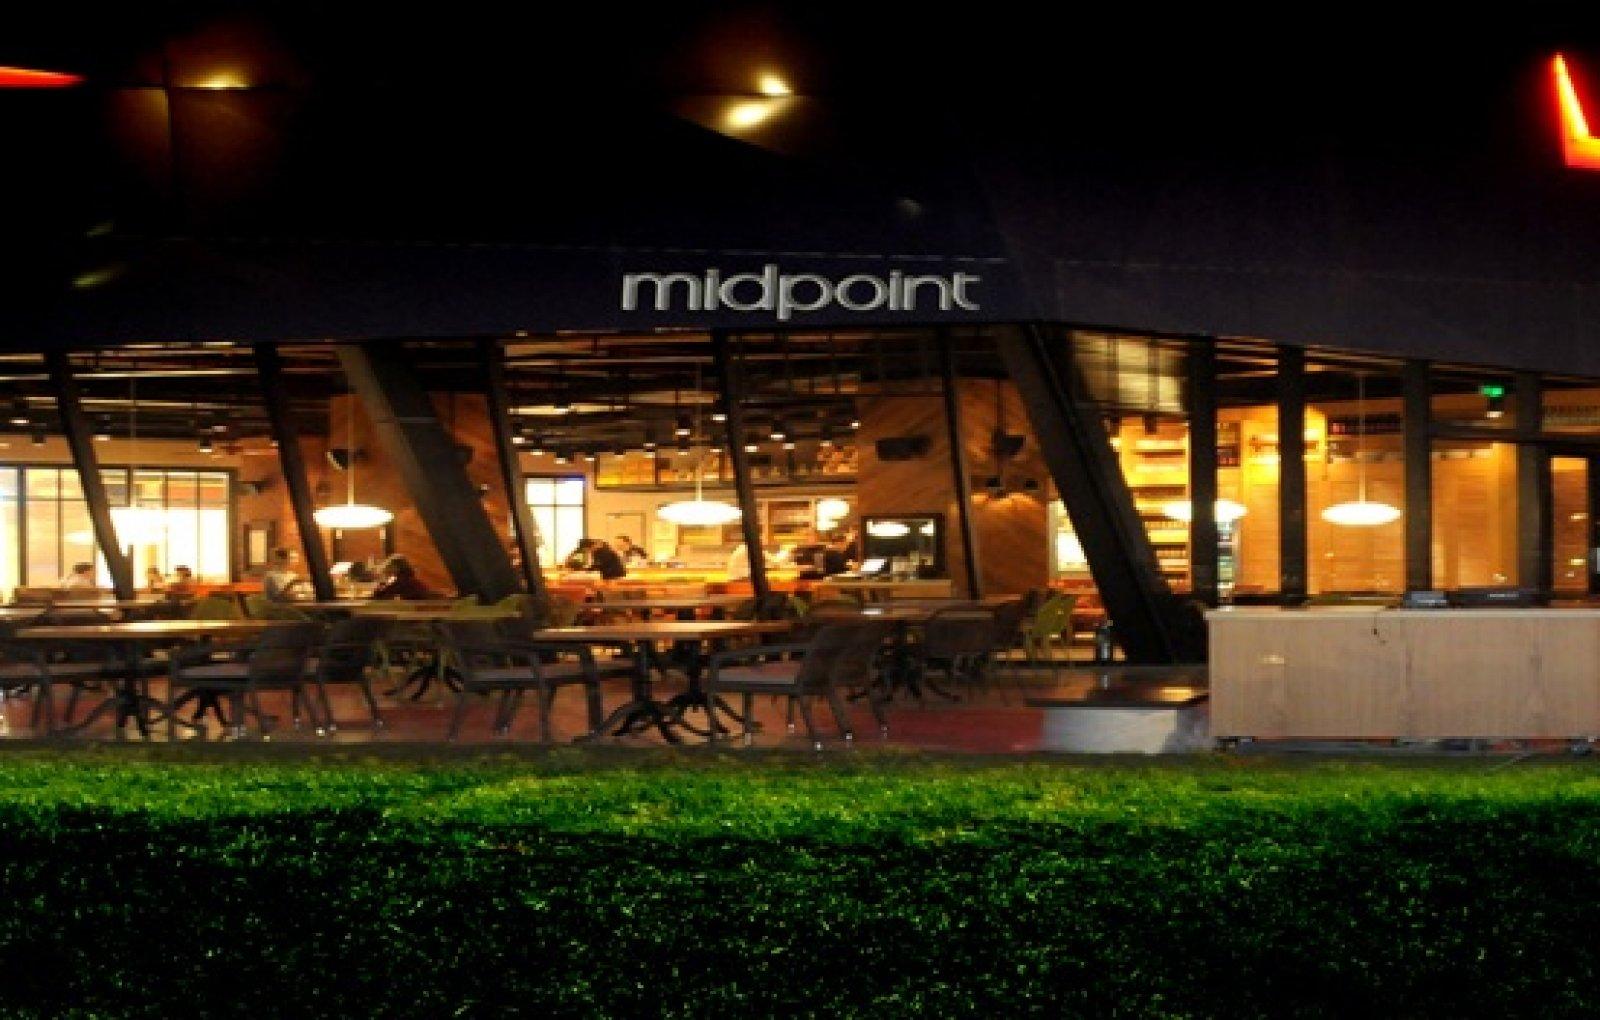 İstanbul Şaşkınbakkal Midpoint Cafe